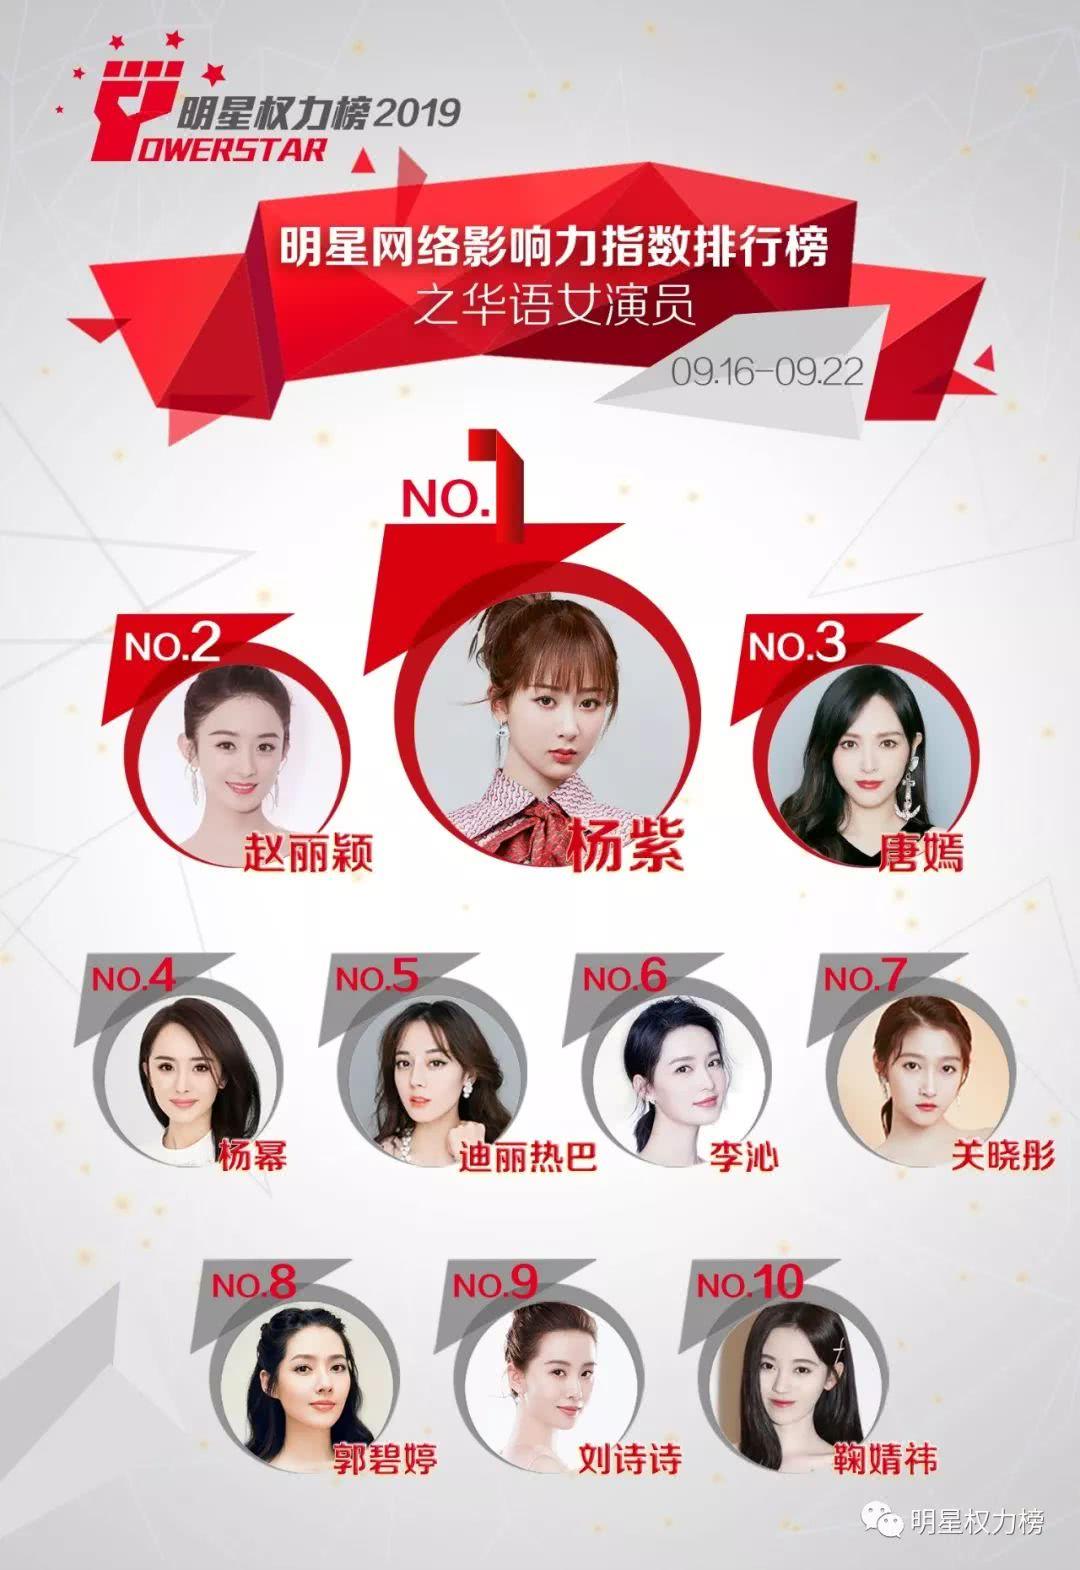 <b>明星网络影响力指数排行榜第218期榜单之华语女演员Top10</b>